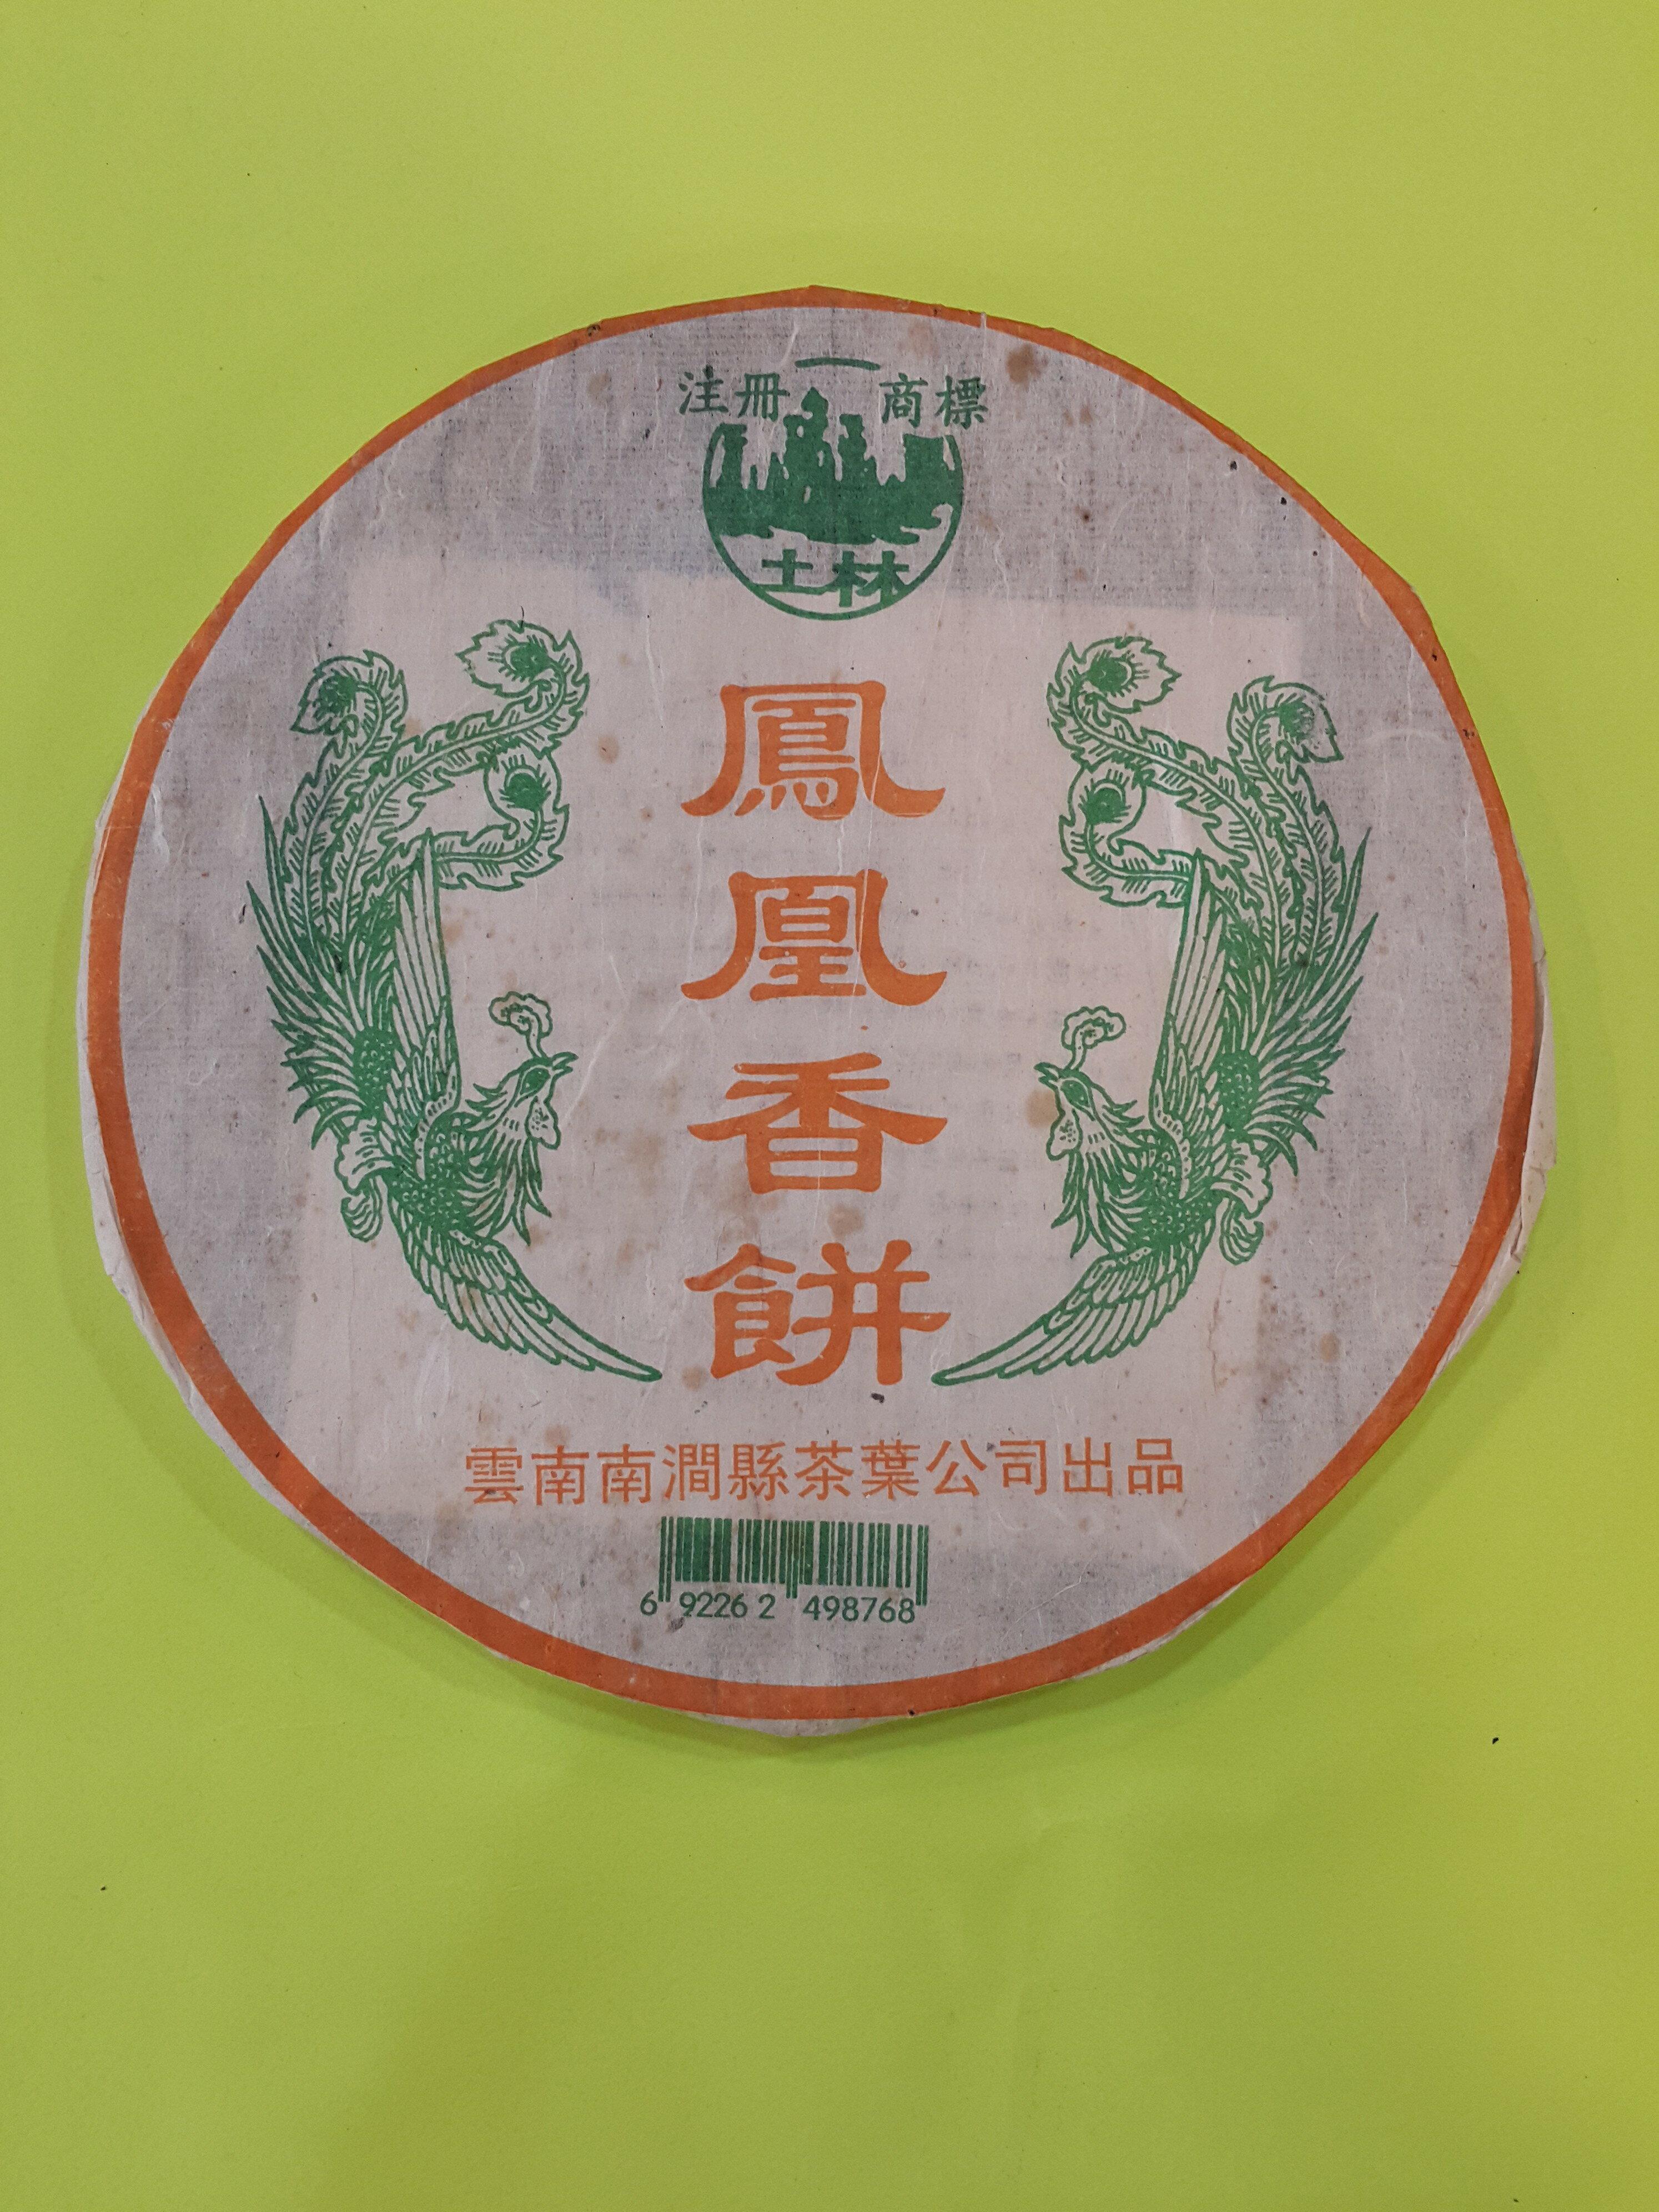 土林鳳凰香餅《無量山明前春尖》